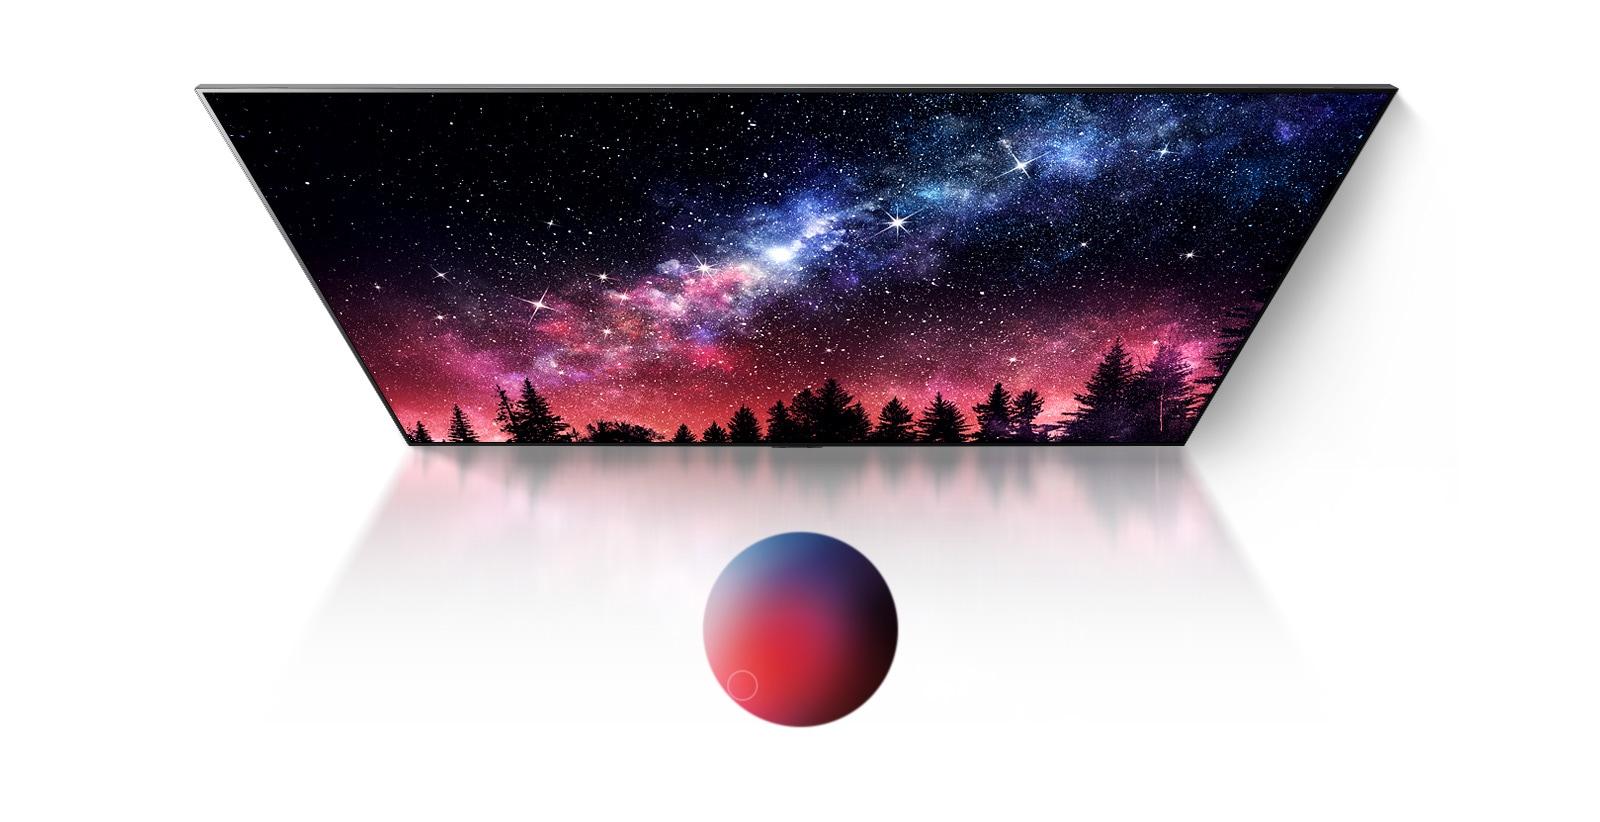 Una pantalla de TV muestra la vía láctea, el cielo azul y una explosión de polvo de colores con gran calidad (reproducir el vídeo)